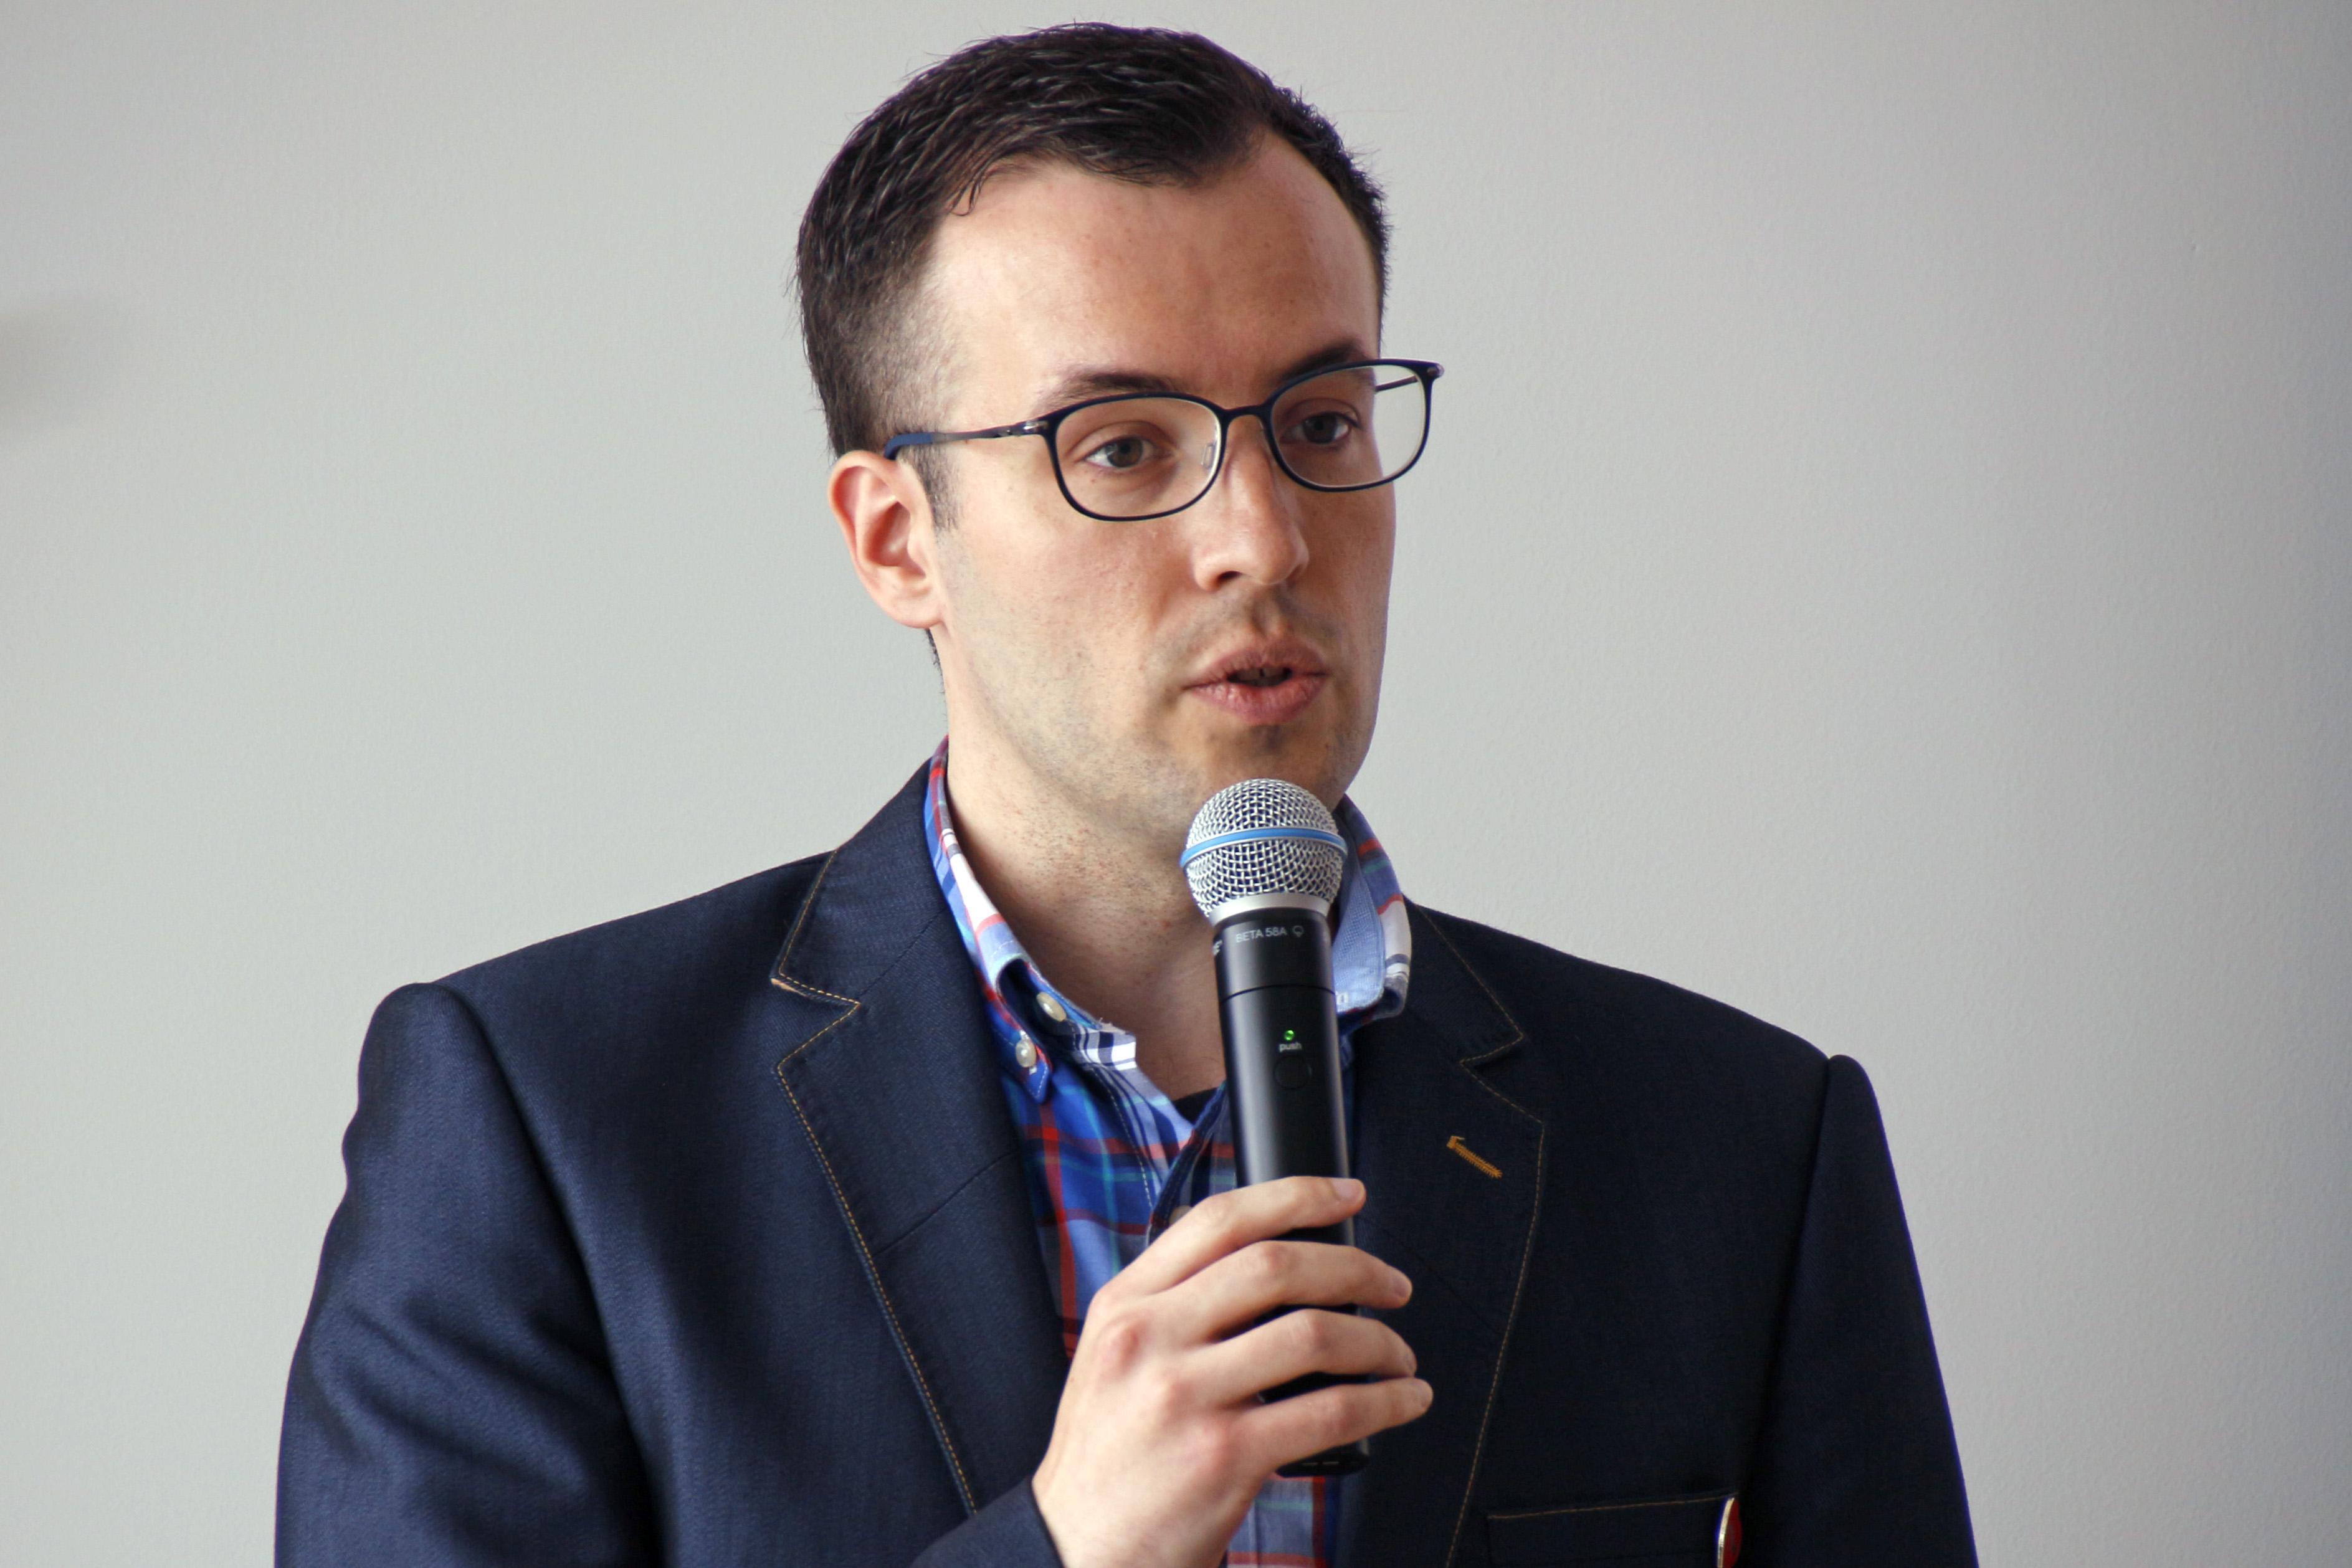 ストライプジャパン株式会社代表取締役のダニエル・へフェルナン氏